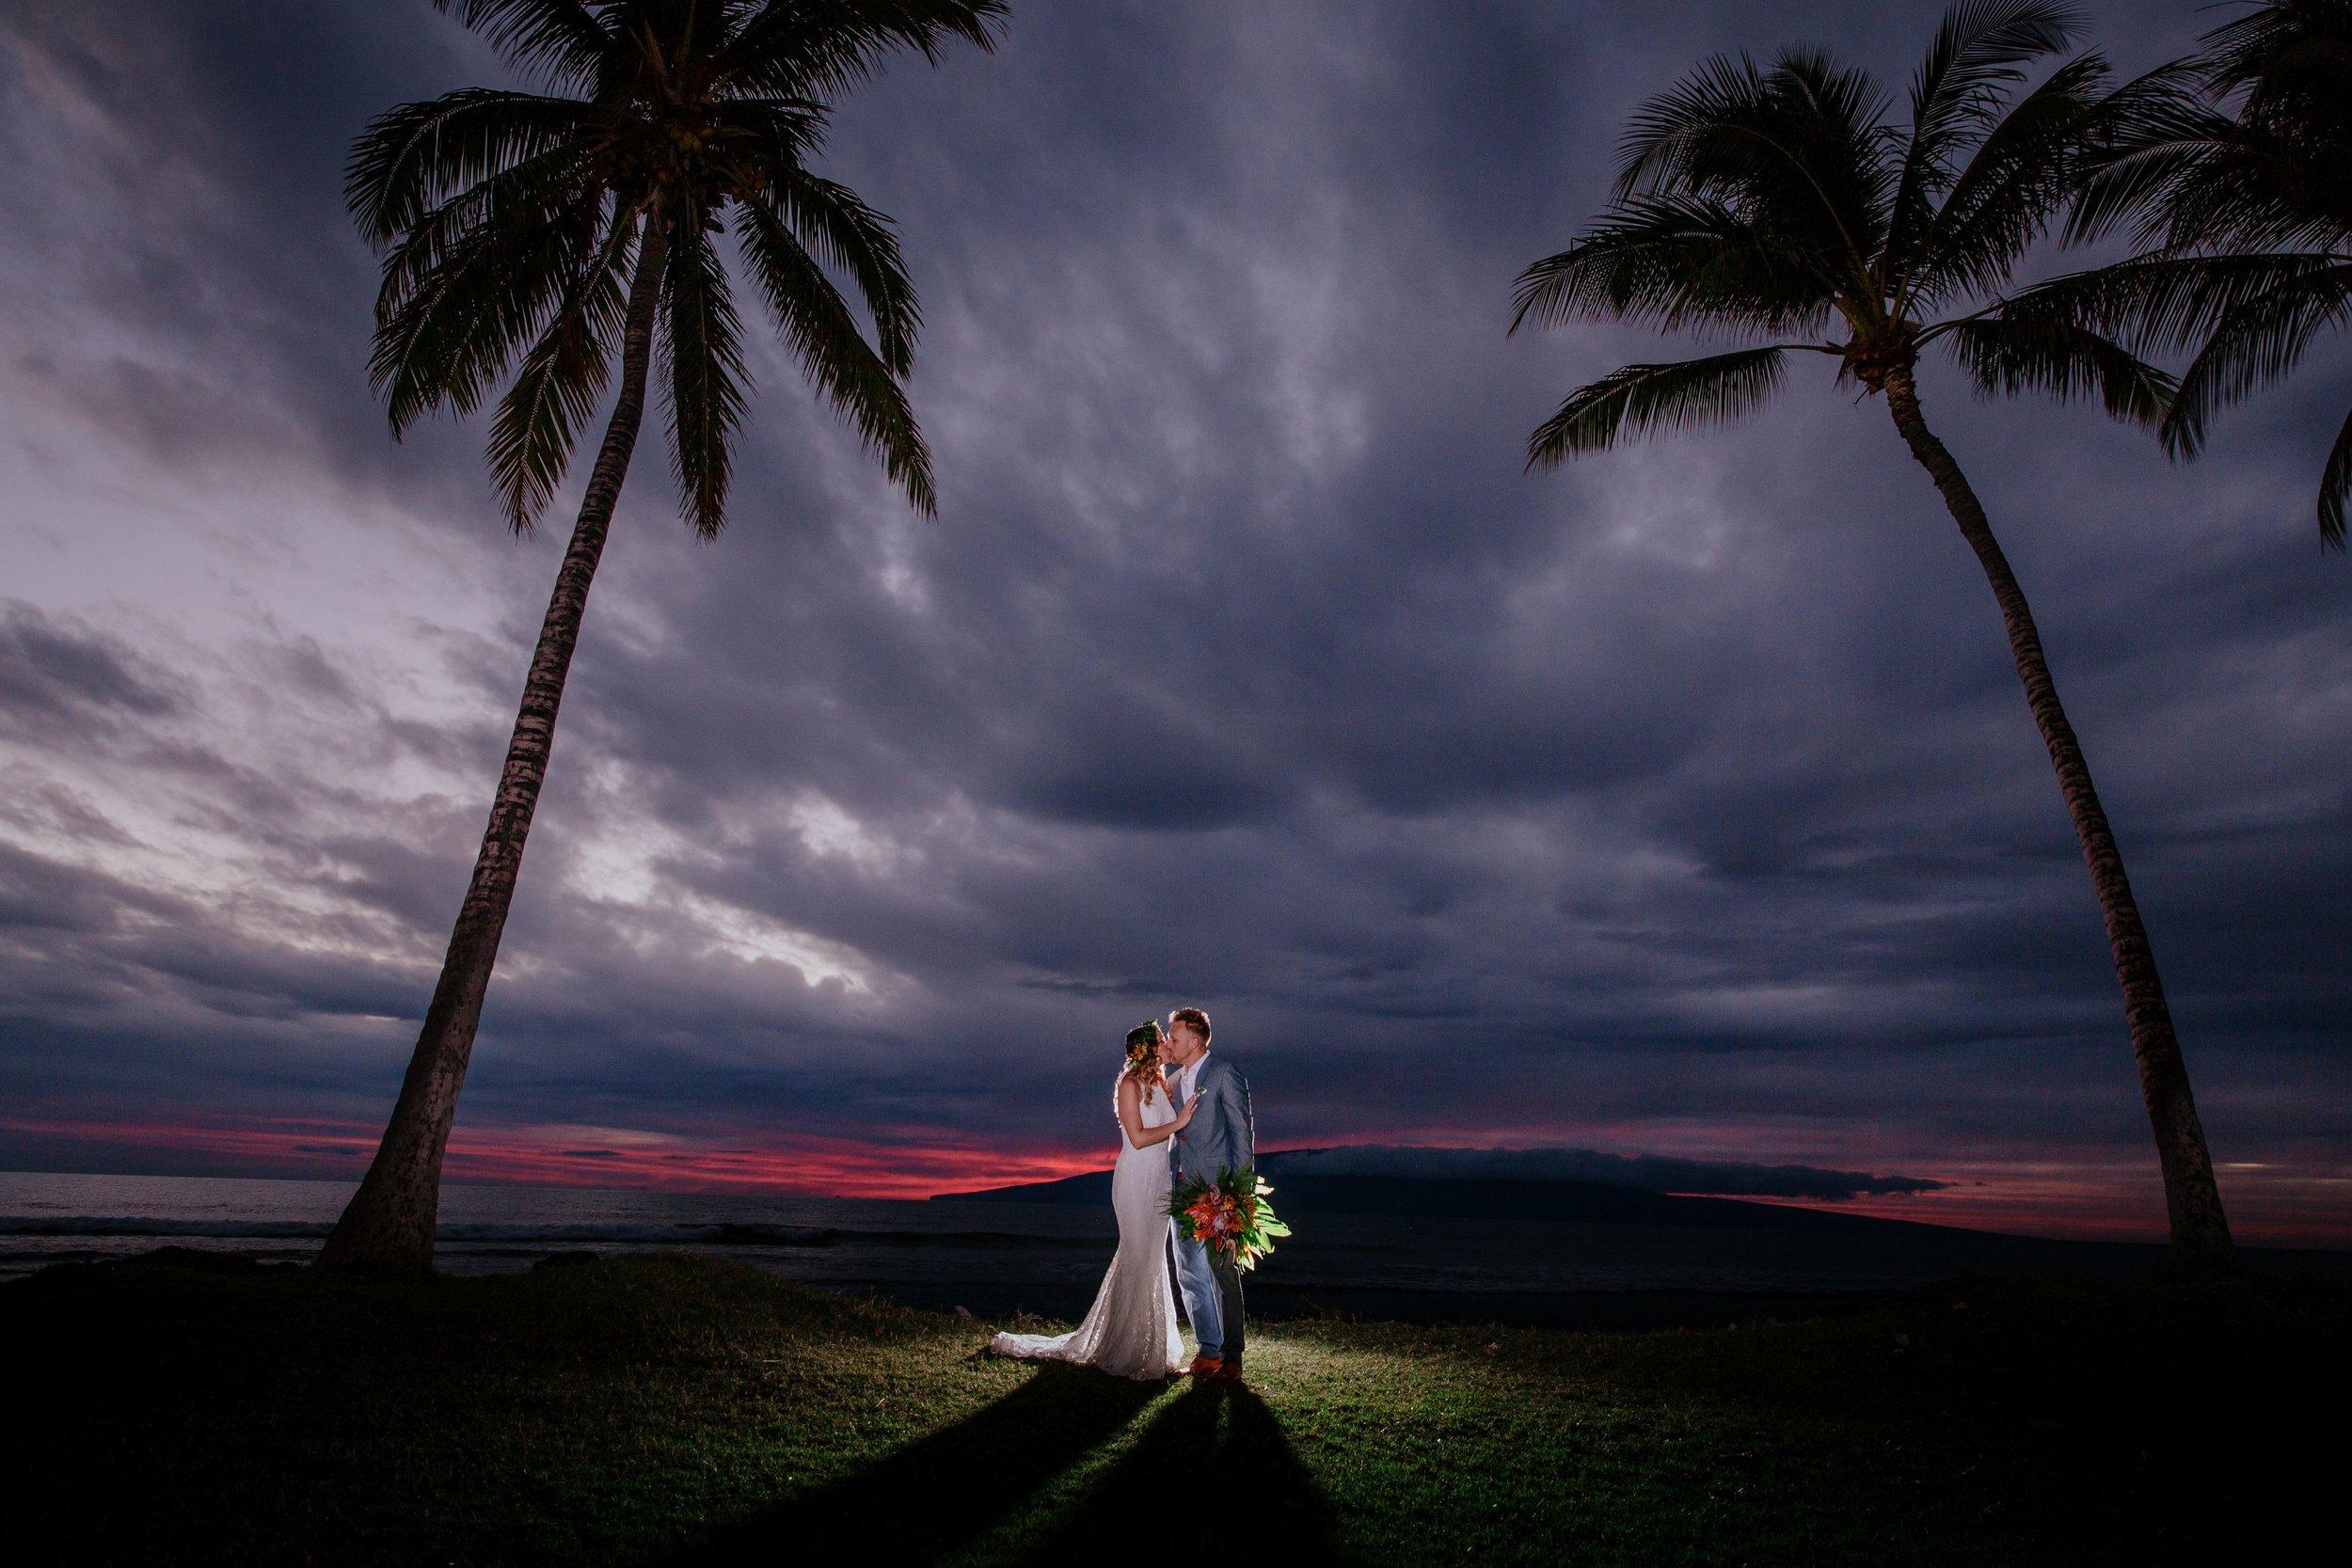 Chris-J-Evans-maui-wedding-JA3869.jpg